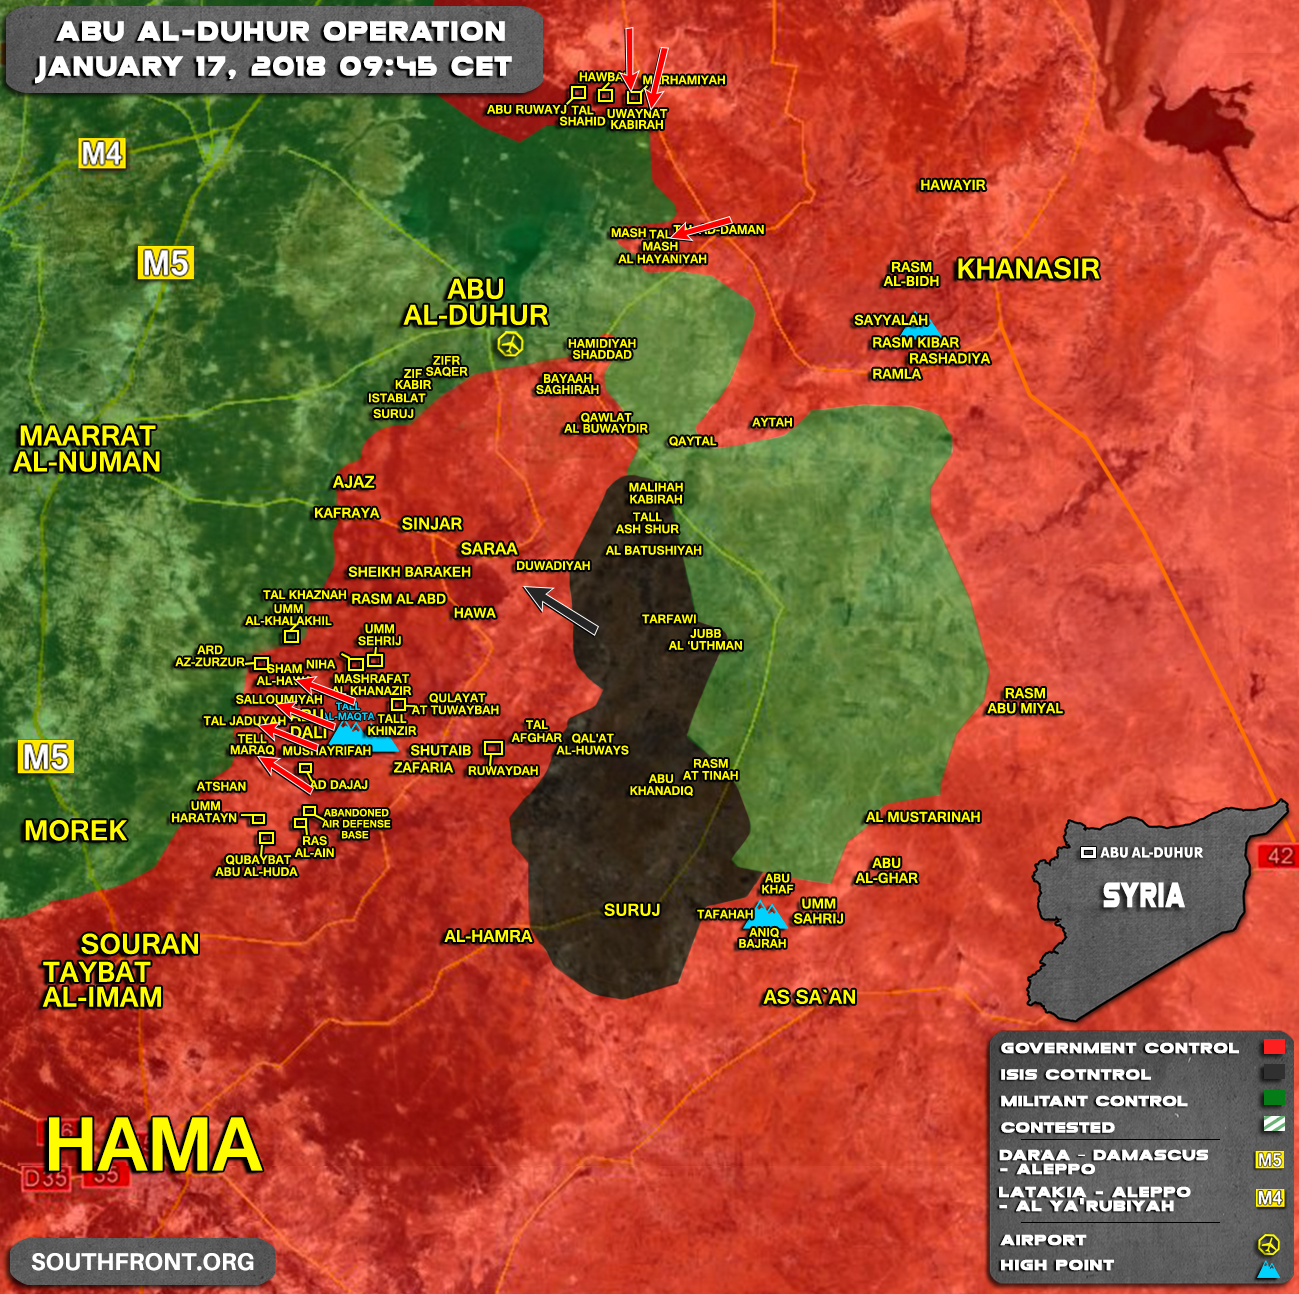 17jan_Abu_al-Duhur_Operation_Syria_War_M